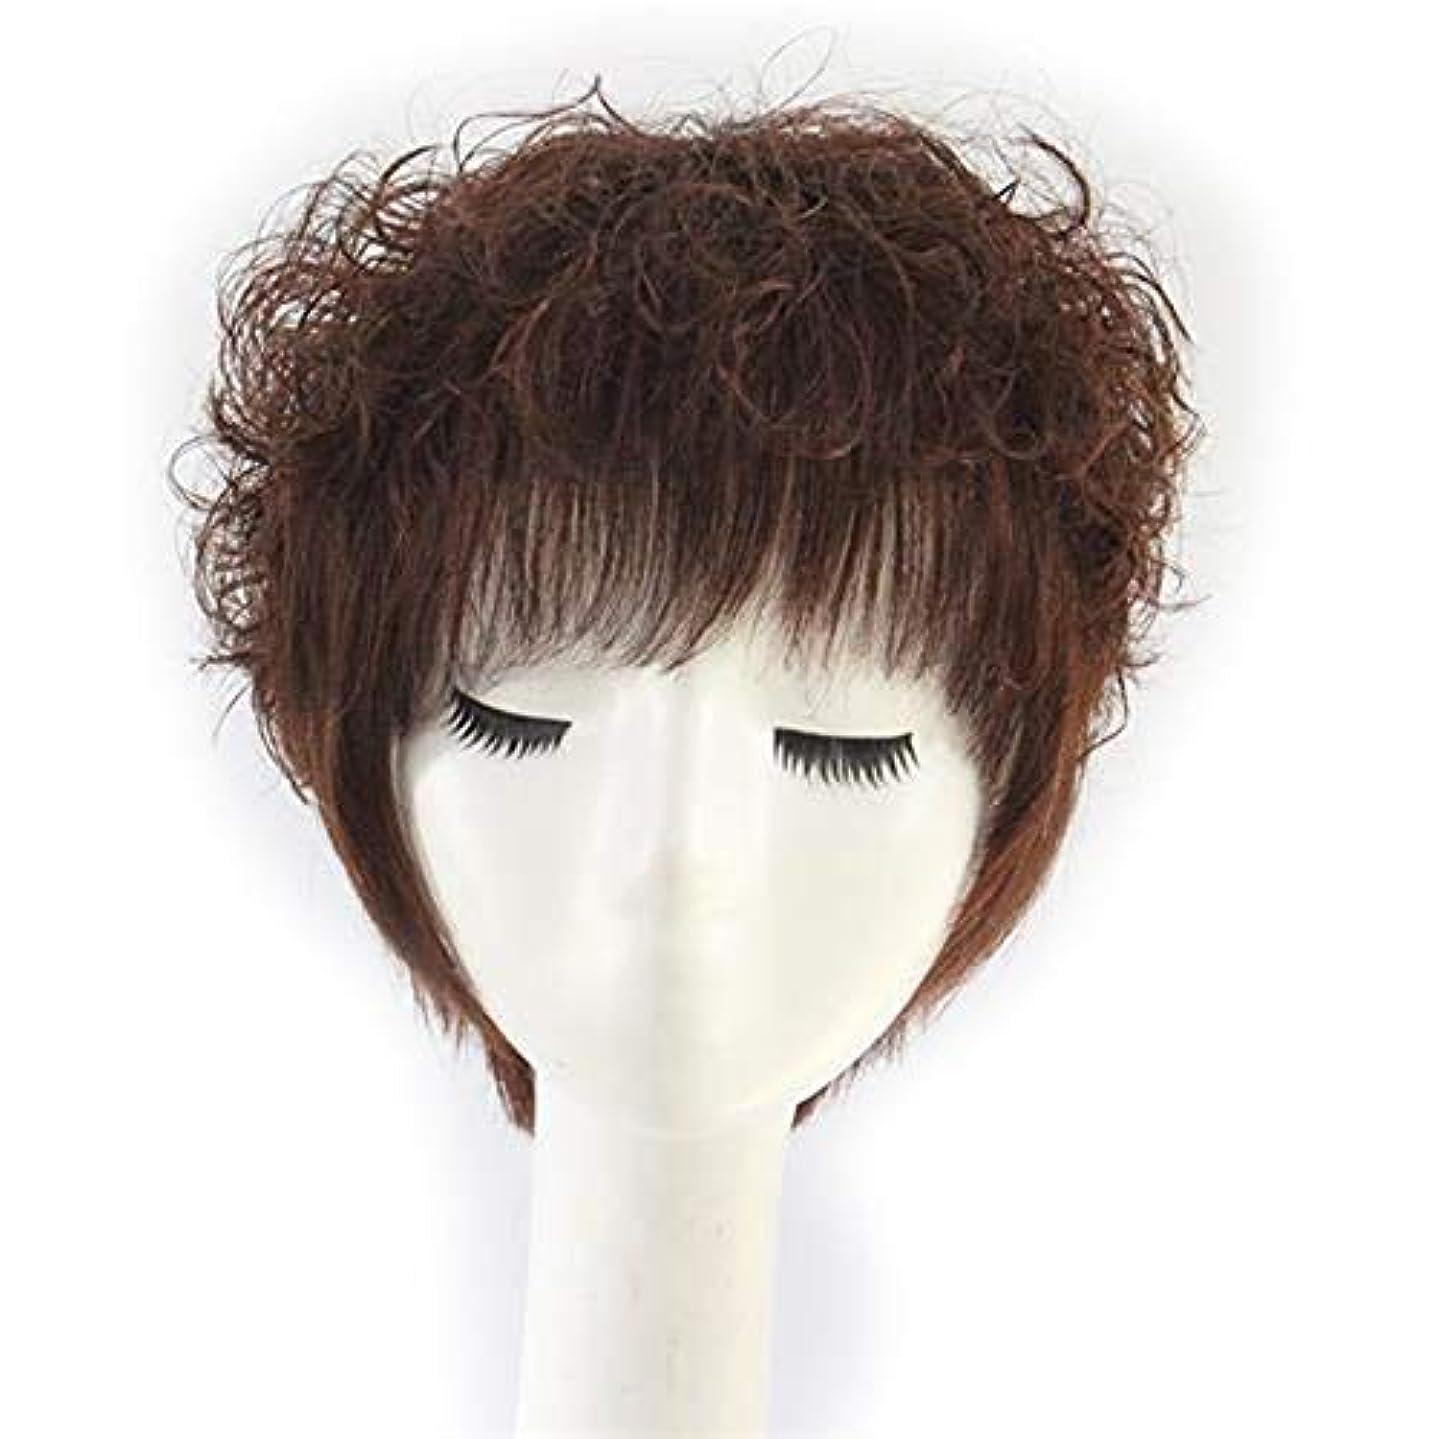 粒子提出するウィンクYOUQIU 本物の人間の髪の毛レディショートカーリーヘア耐熱フルウィッグウィッグウィッグ中年 (色 : Natural color)